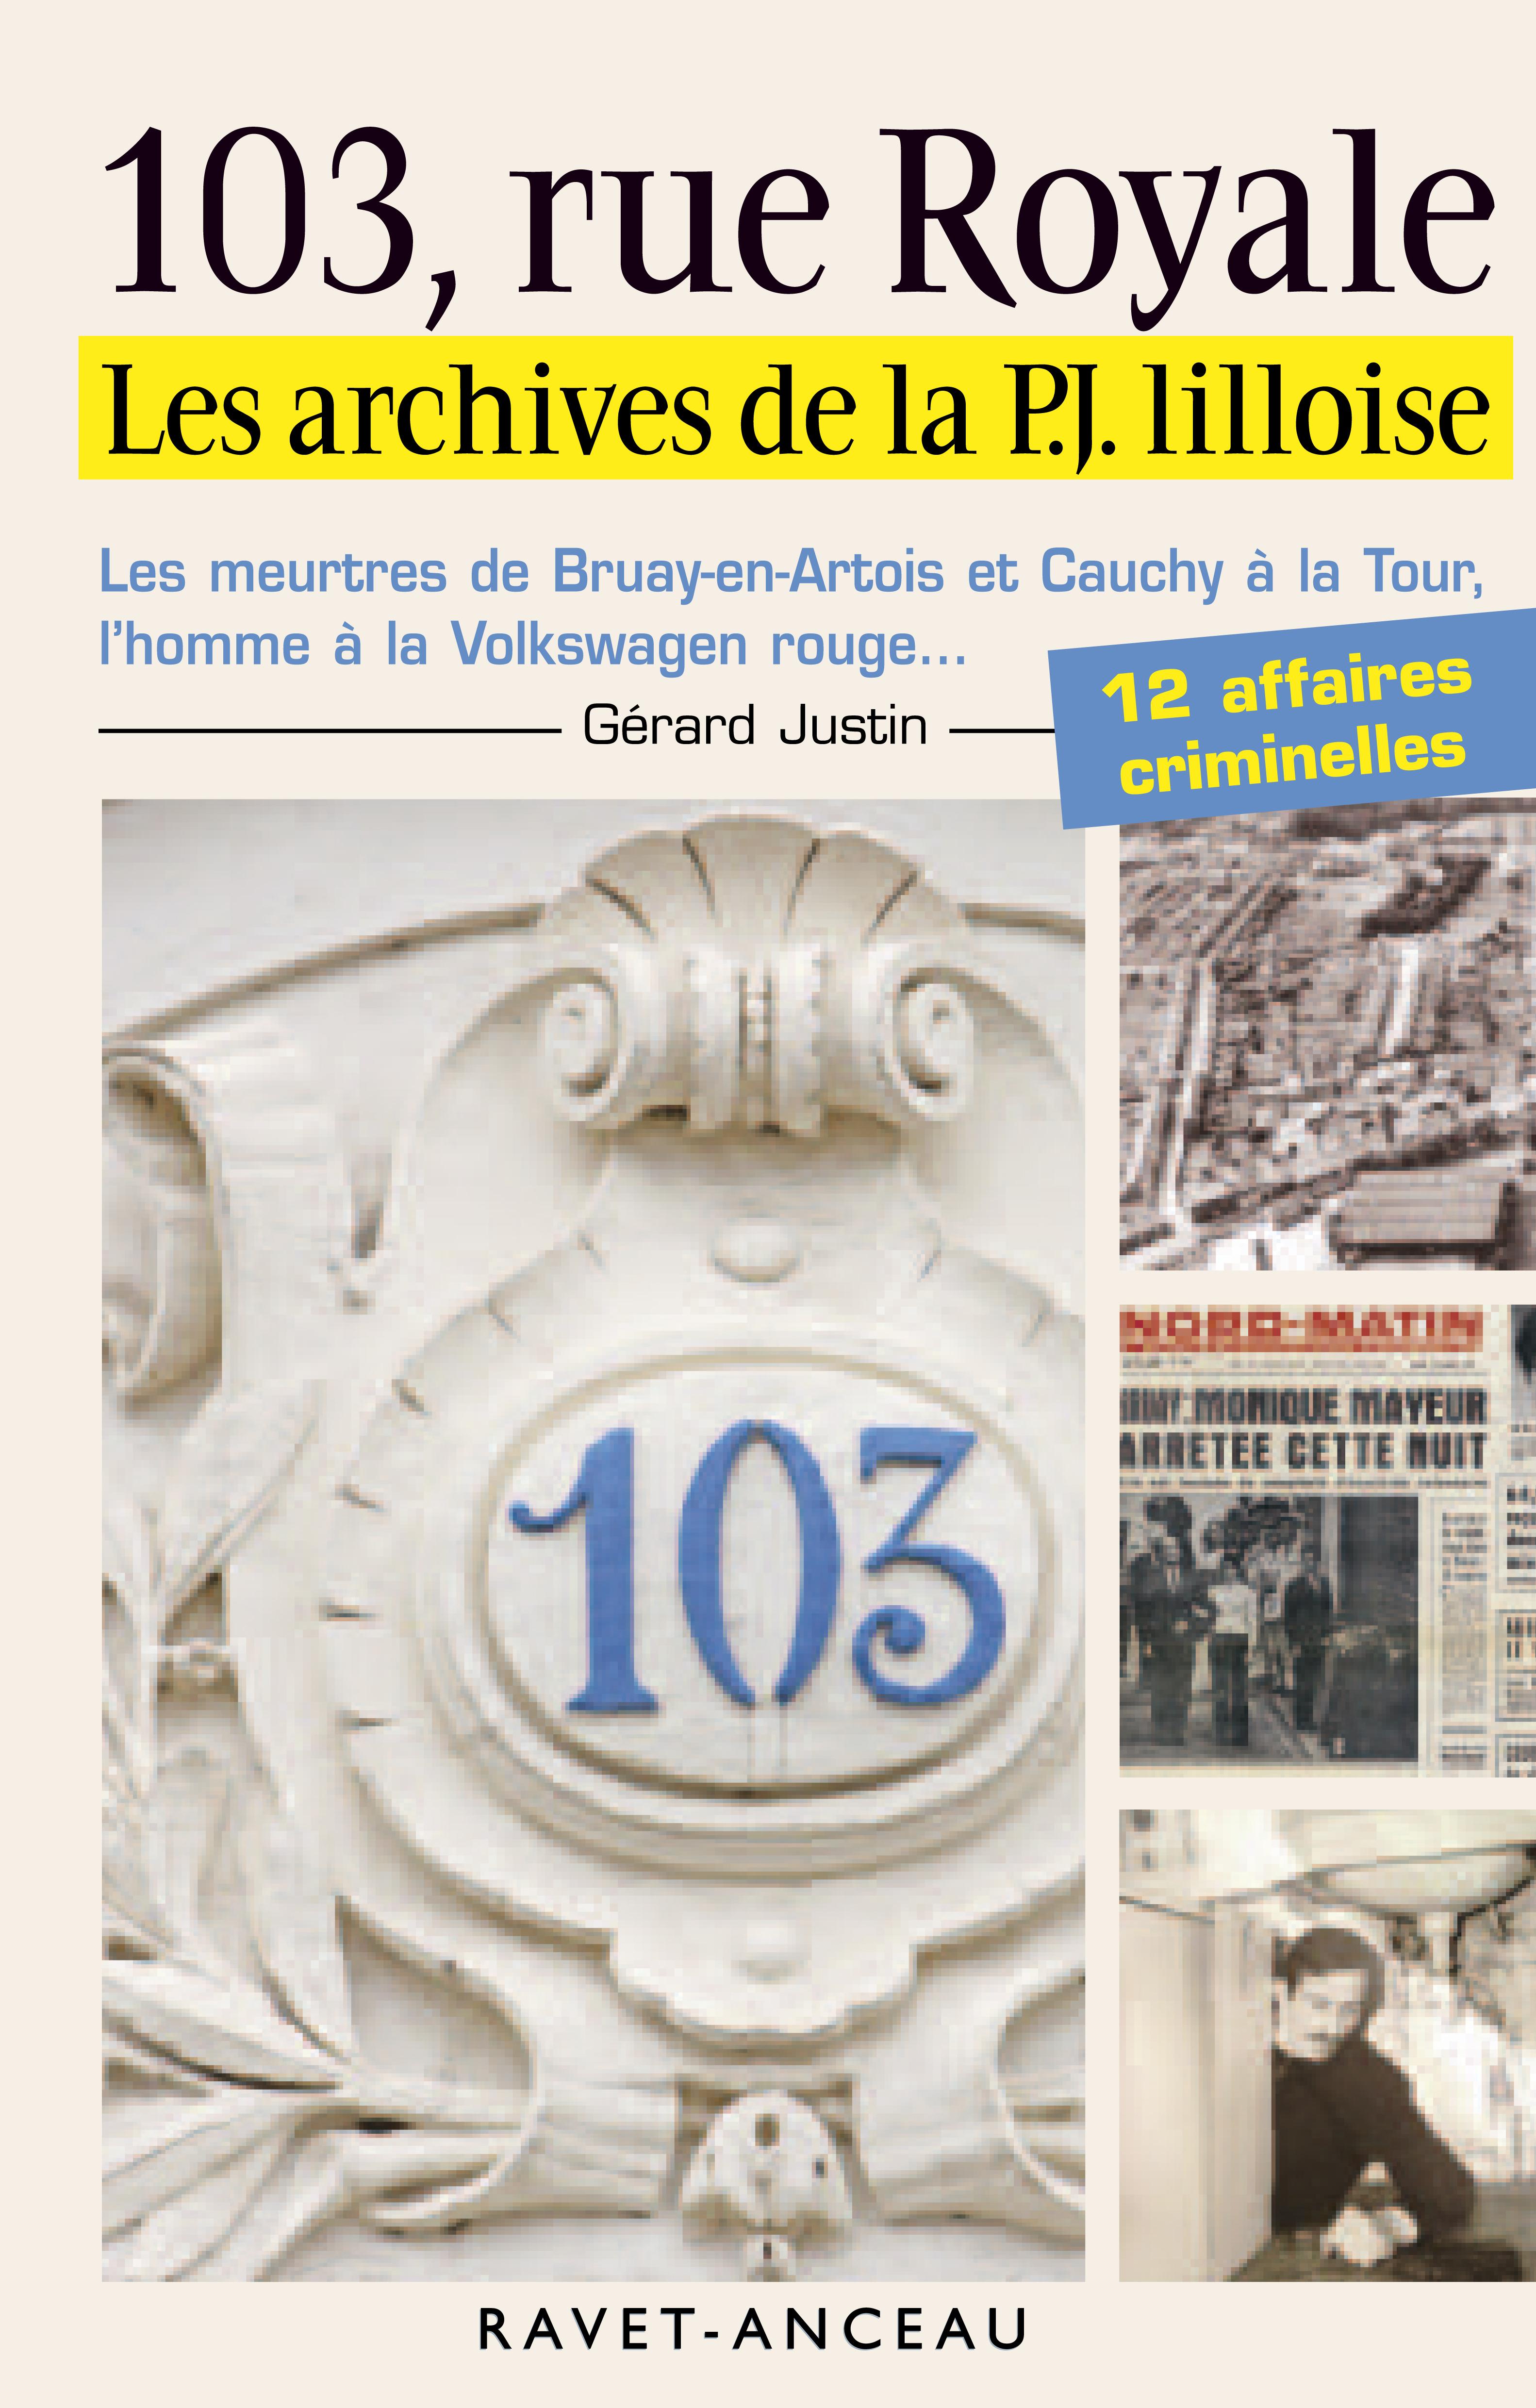 103 RUE ROYALE LES ARCHIVES DE LA PJ LILLOISE